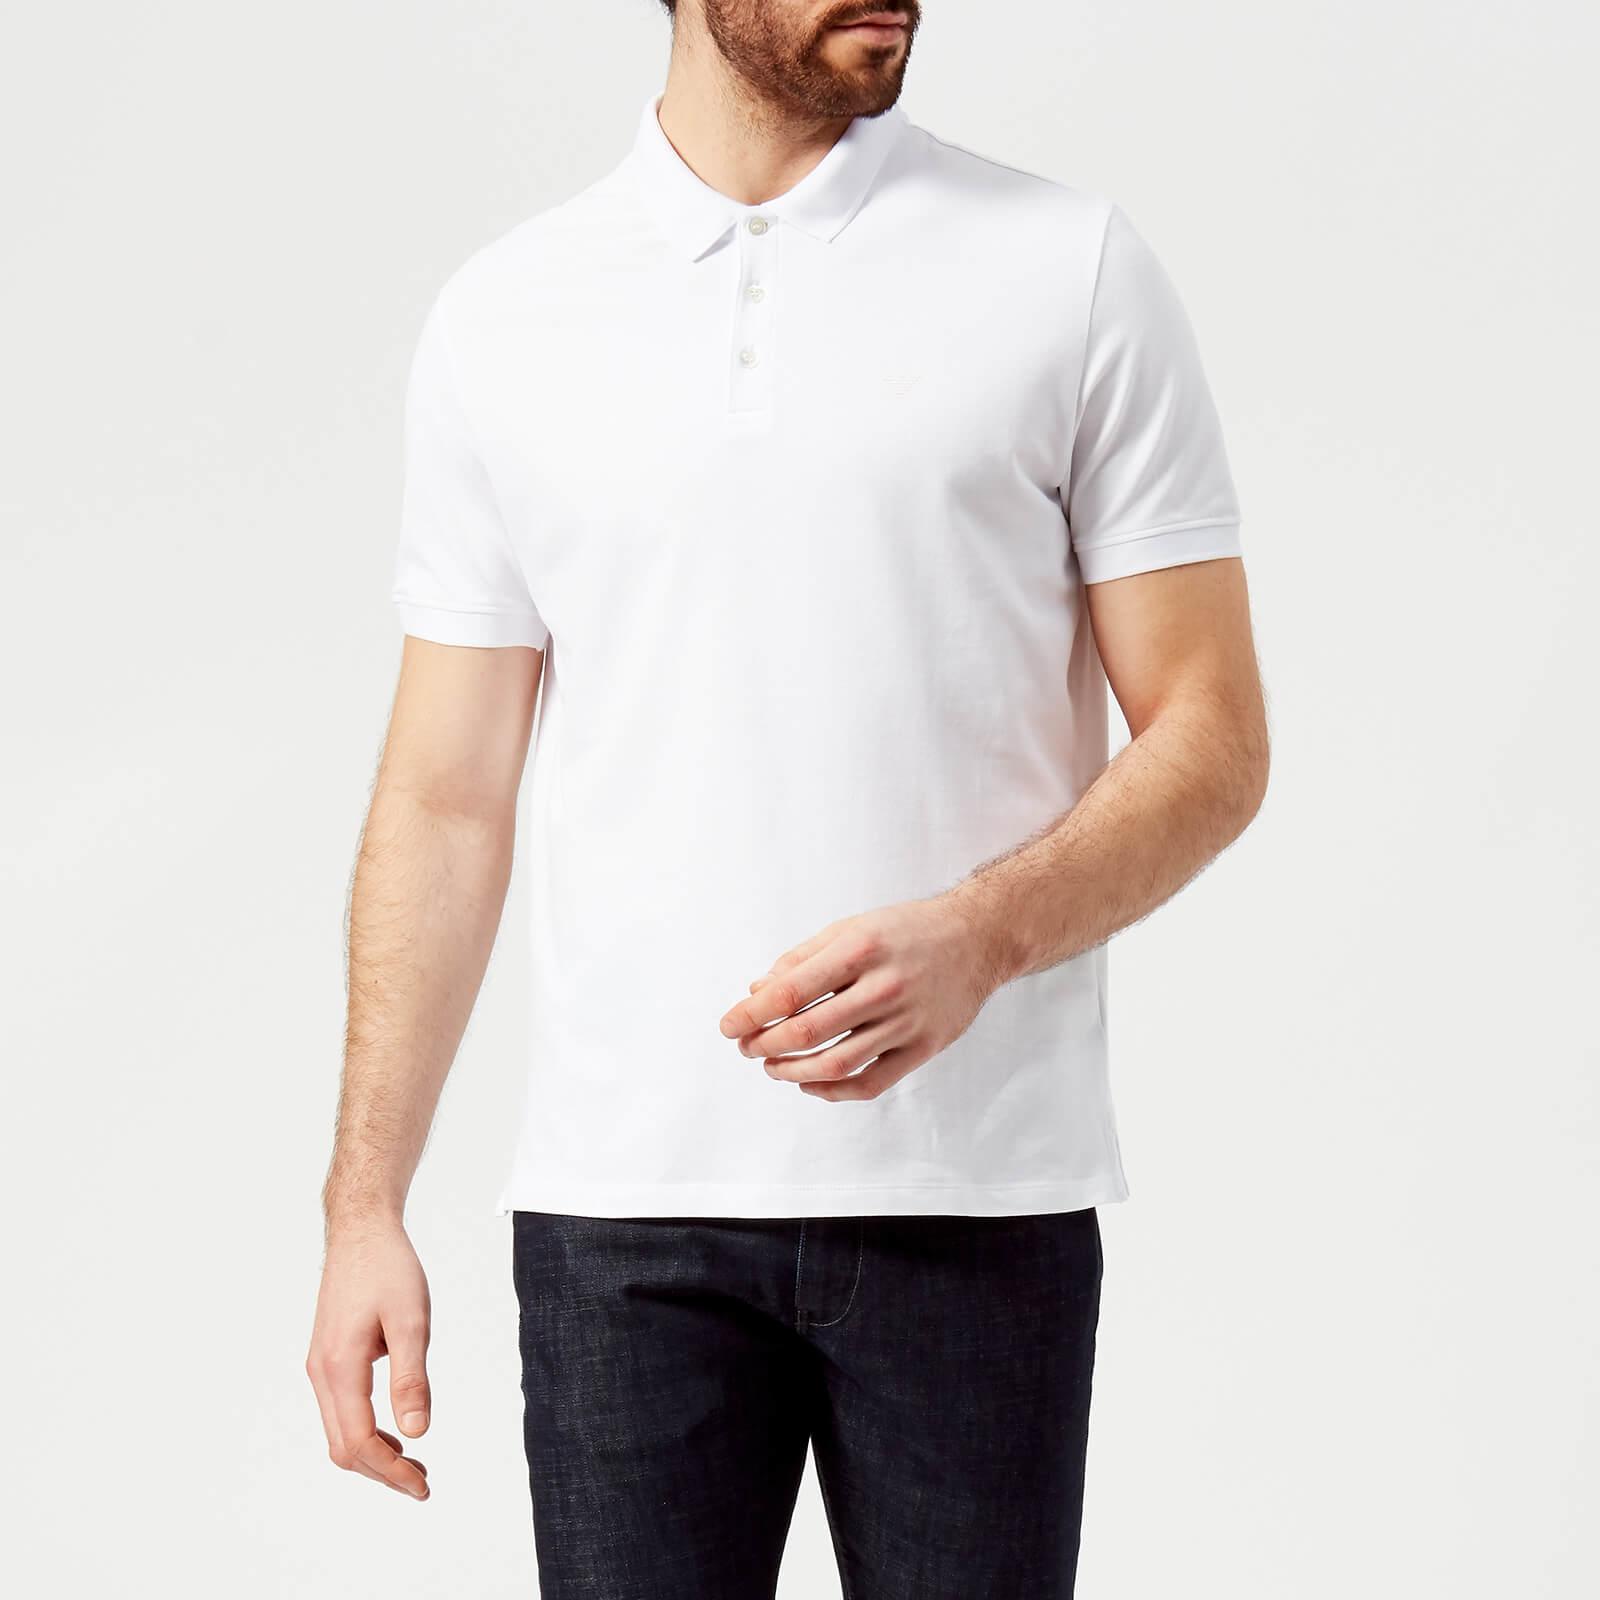 74c2ac4e Emporio Armani Men's Small Eagle Polo Shirt - Bianco Ottico - Free UK  Delivery over £50